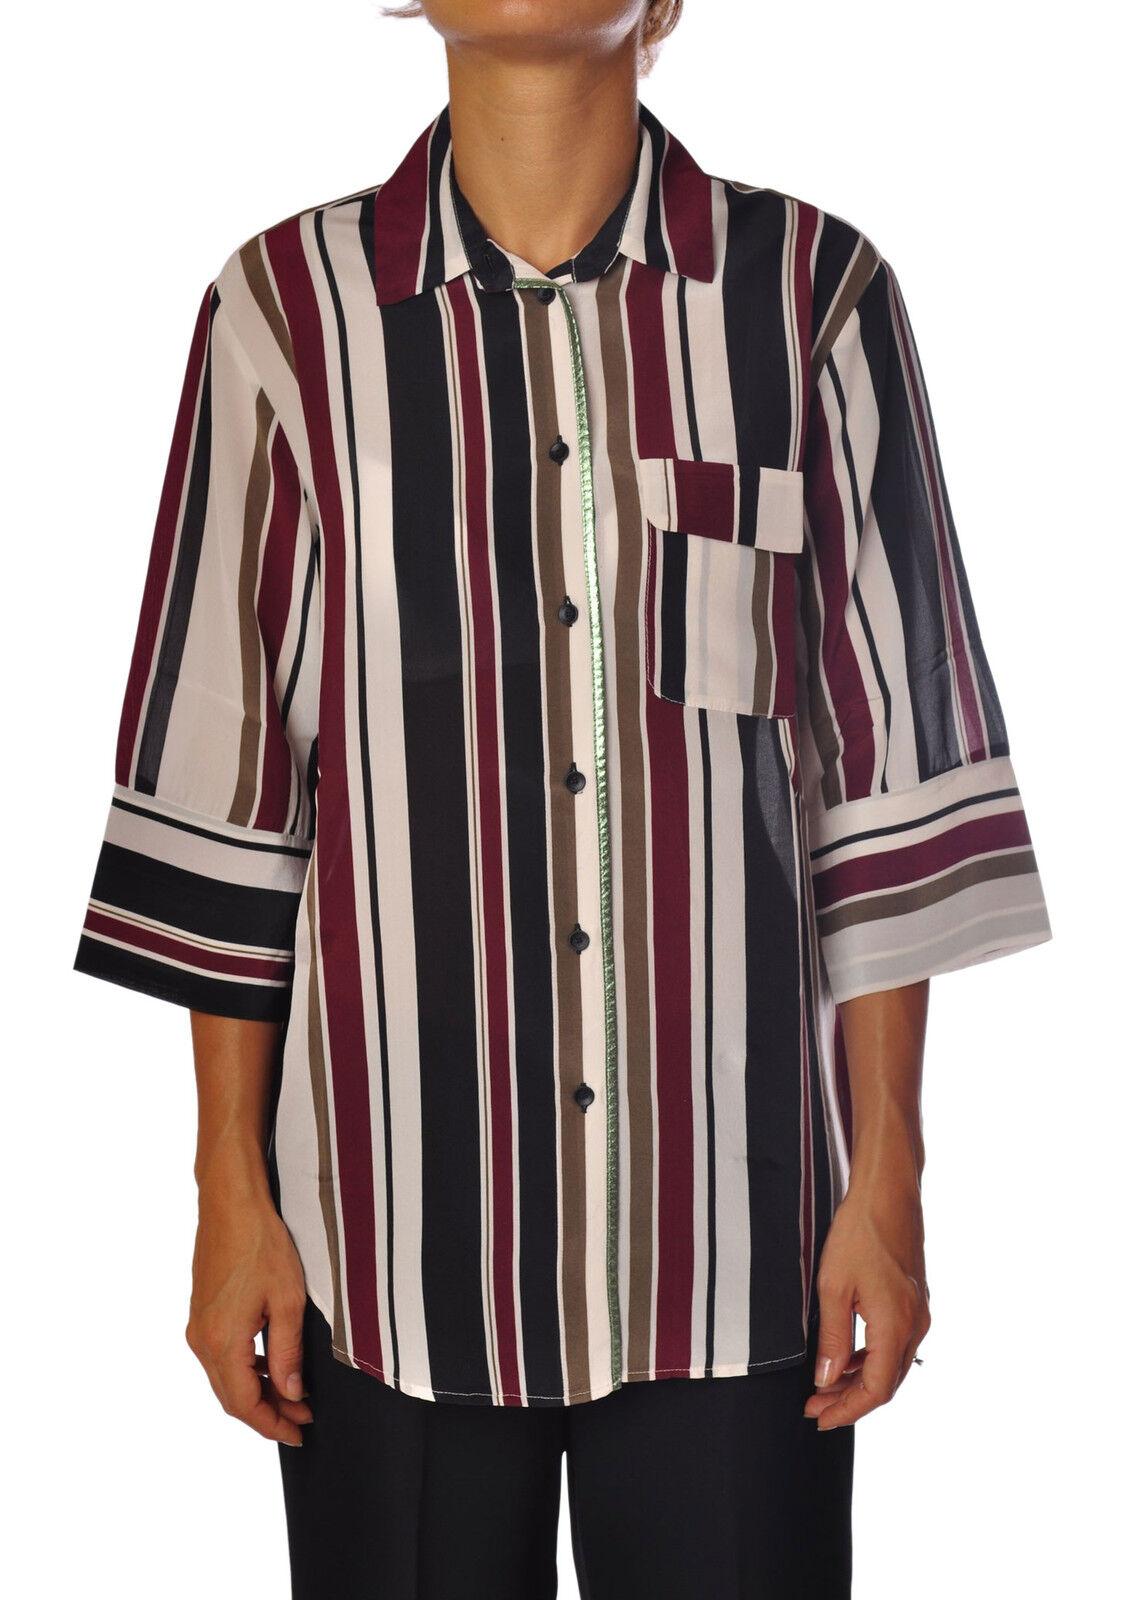 8pm  -  Shirt - Female - White - 103824A184628